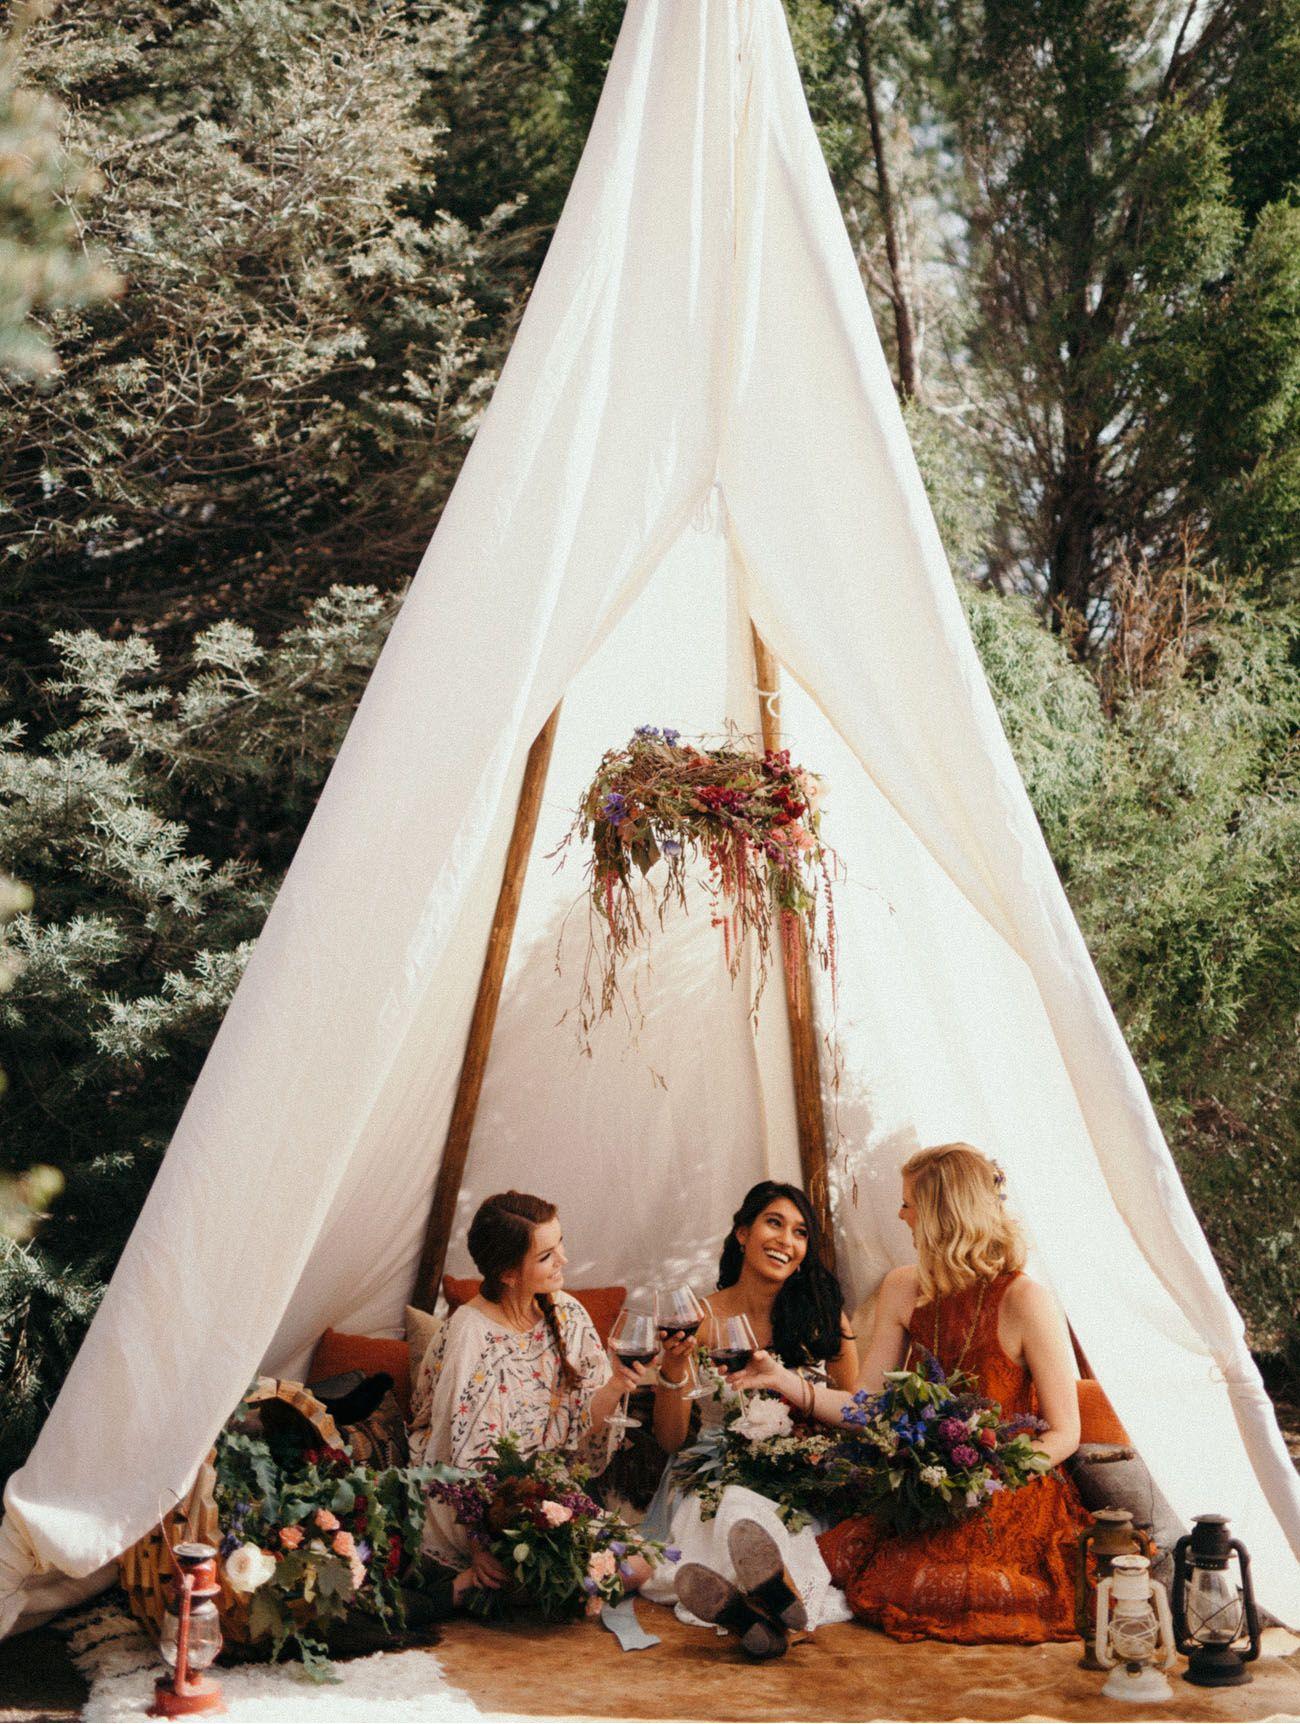 Dica para noivos que se casarão no campo: crie tendas em que seus convidados possam ficar à vontade, conversar e descansar entre uma dança e outra.